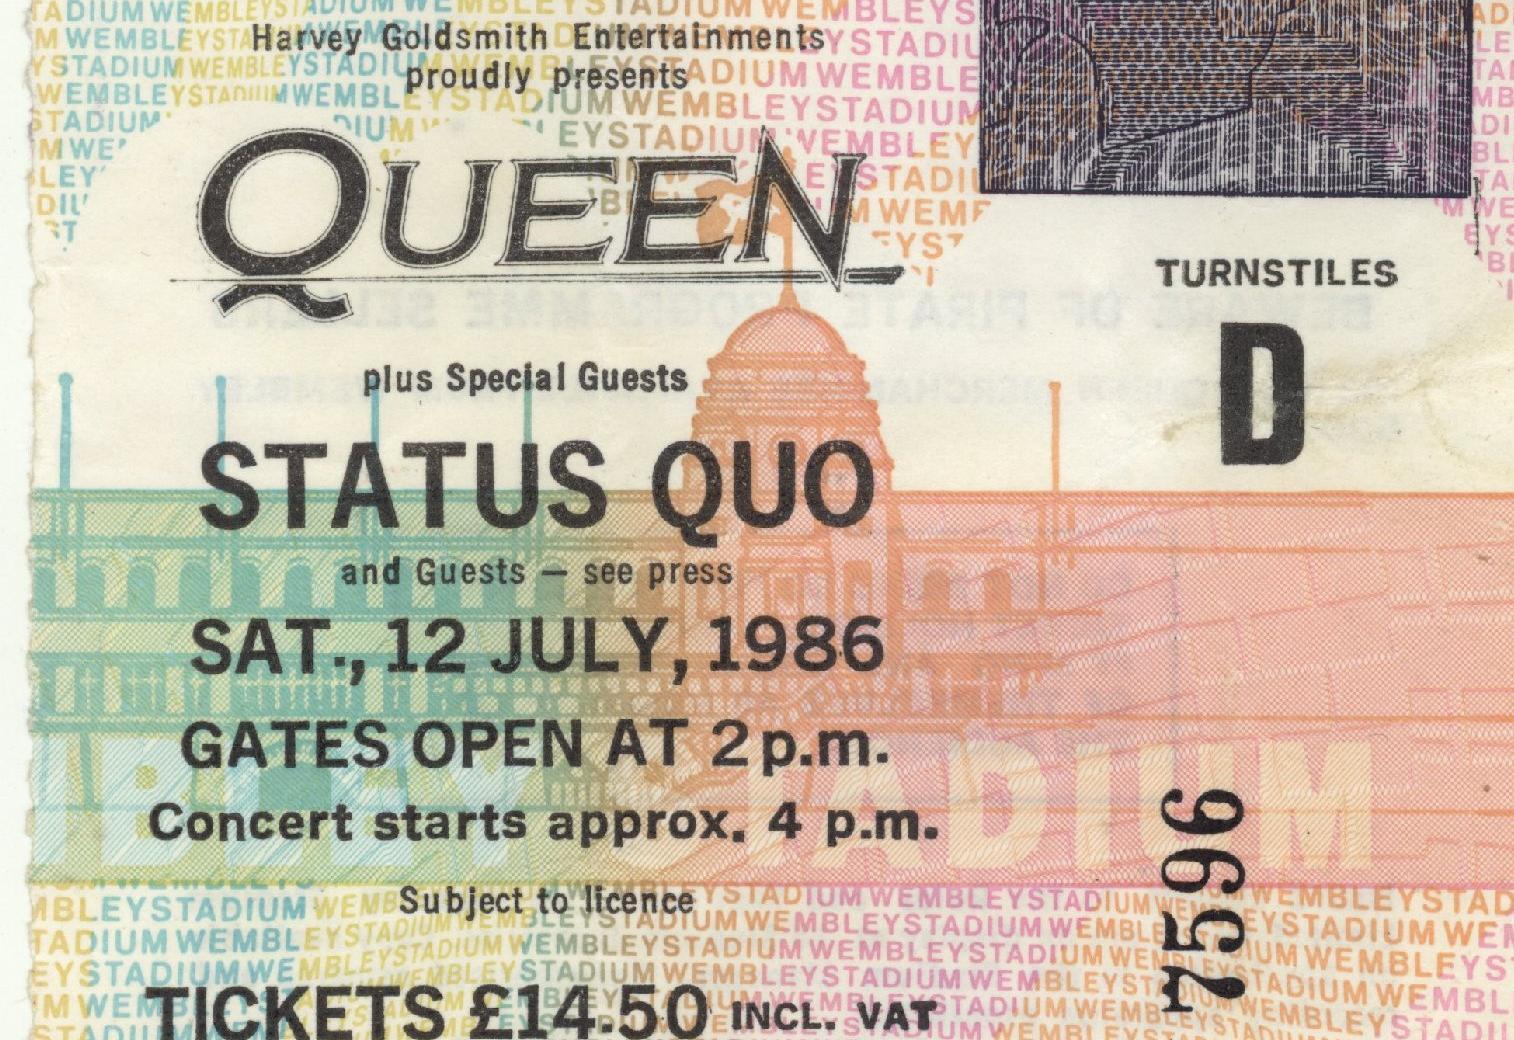 Le billet du concert de Queen à Wembley (Londres), le 12 juillet 1986.